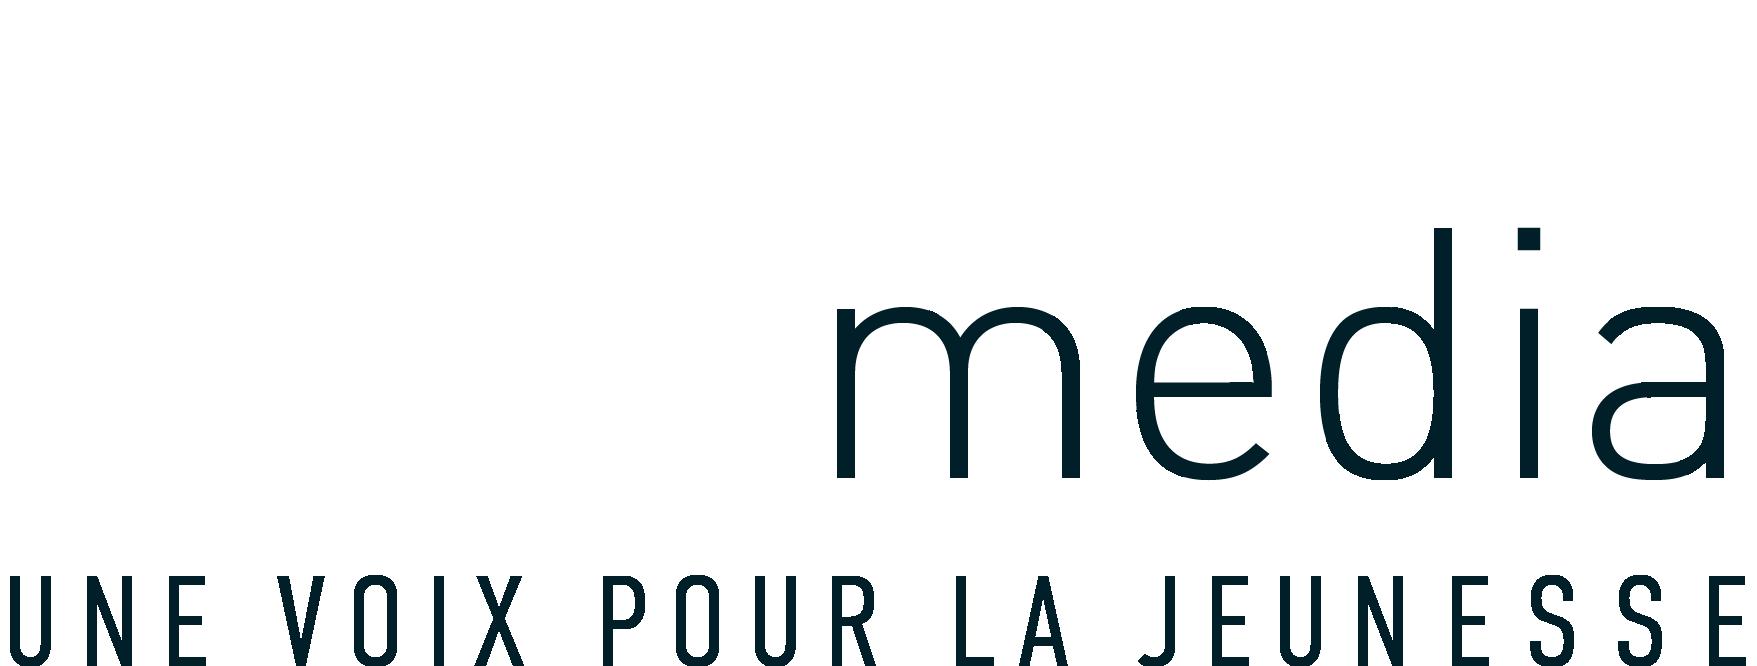 ATKA Media